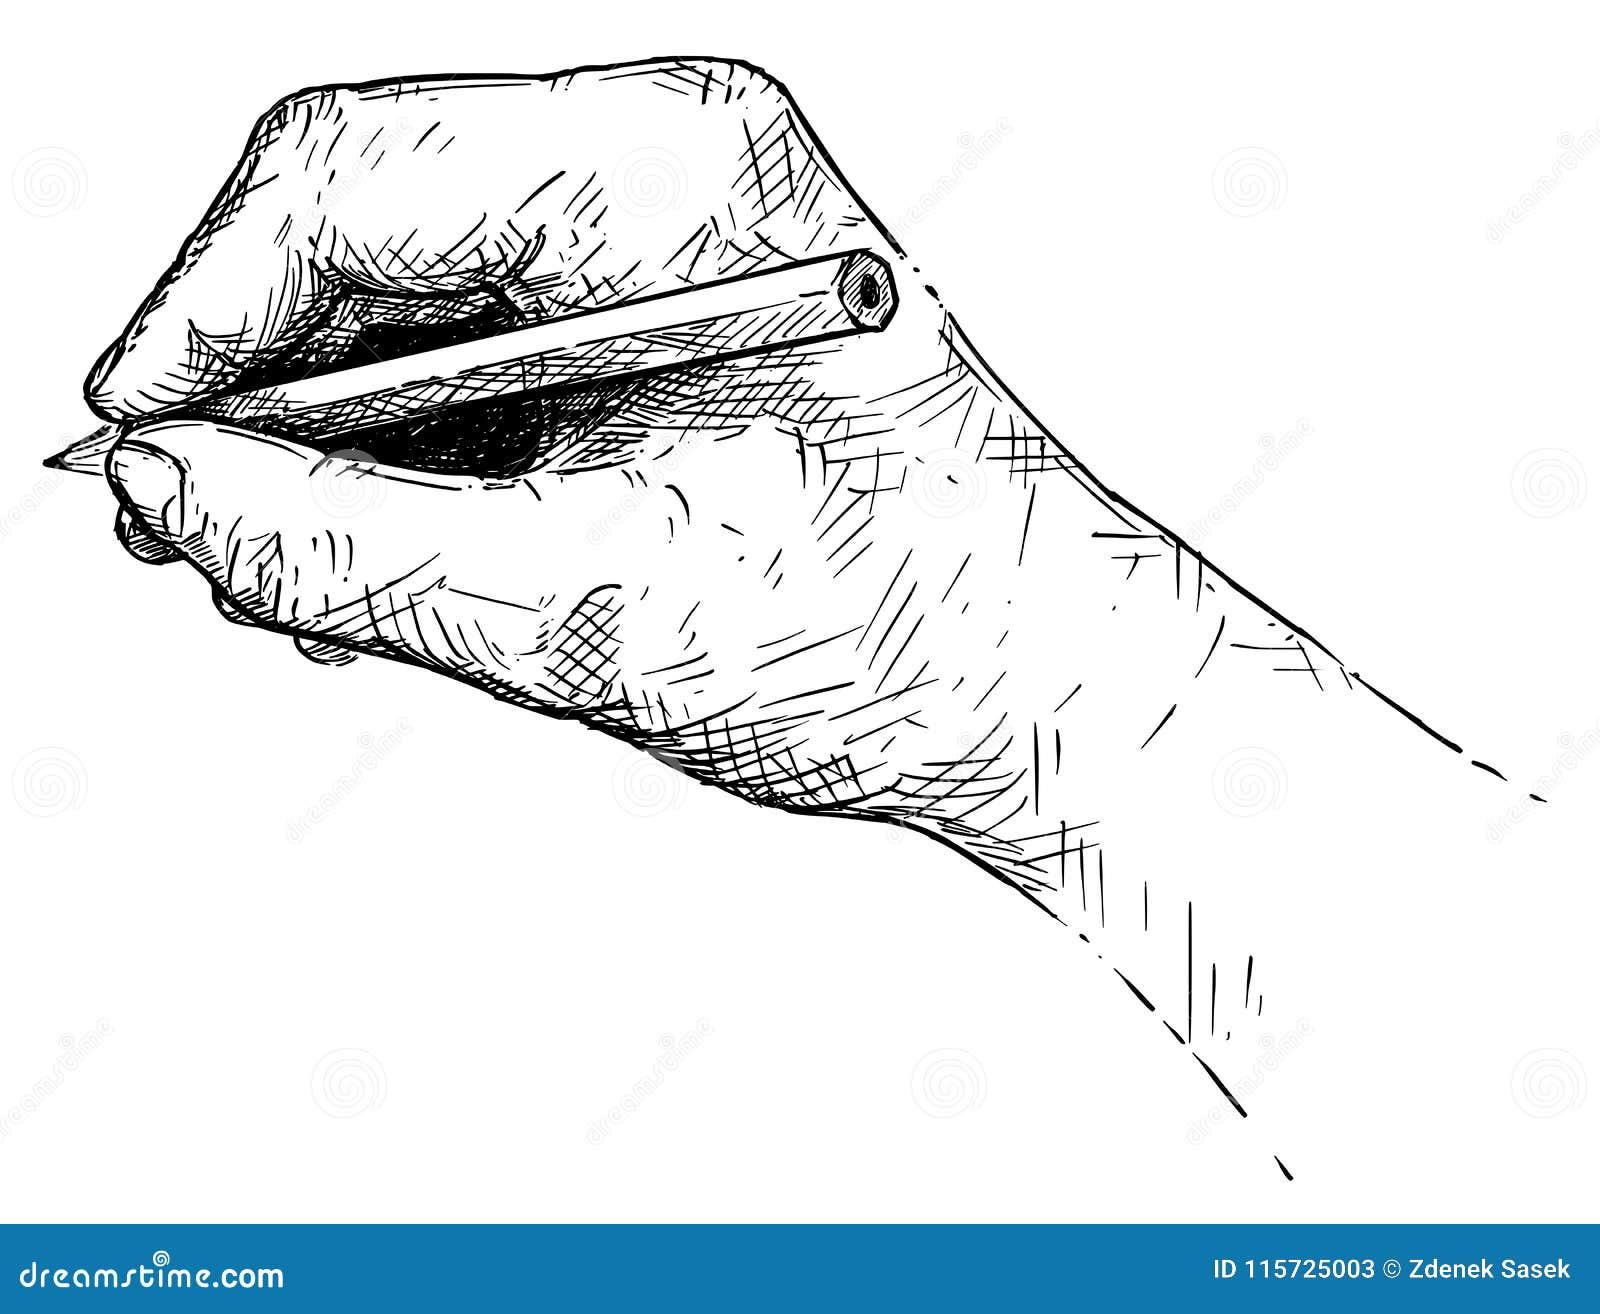 Ilustracao Do Vetor Ou Desenho Da Escrita Da Mao Ou Esboco